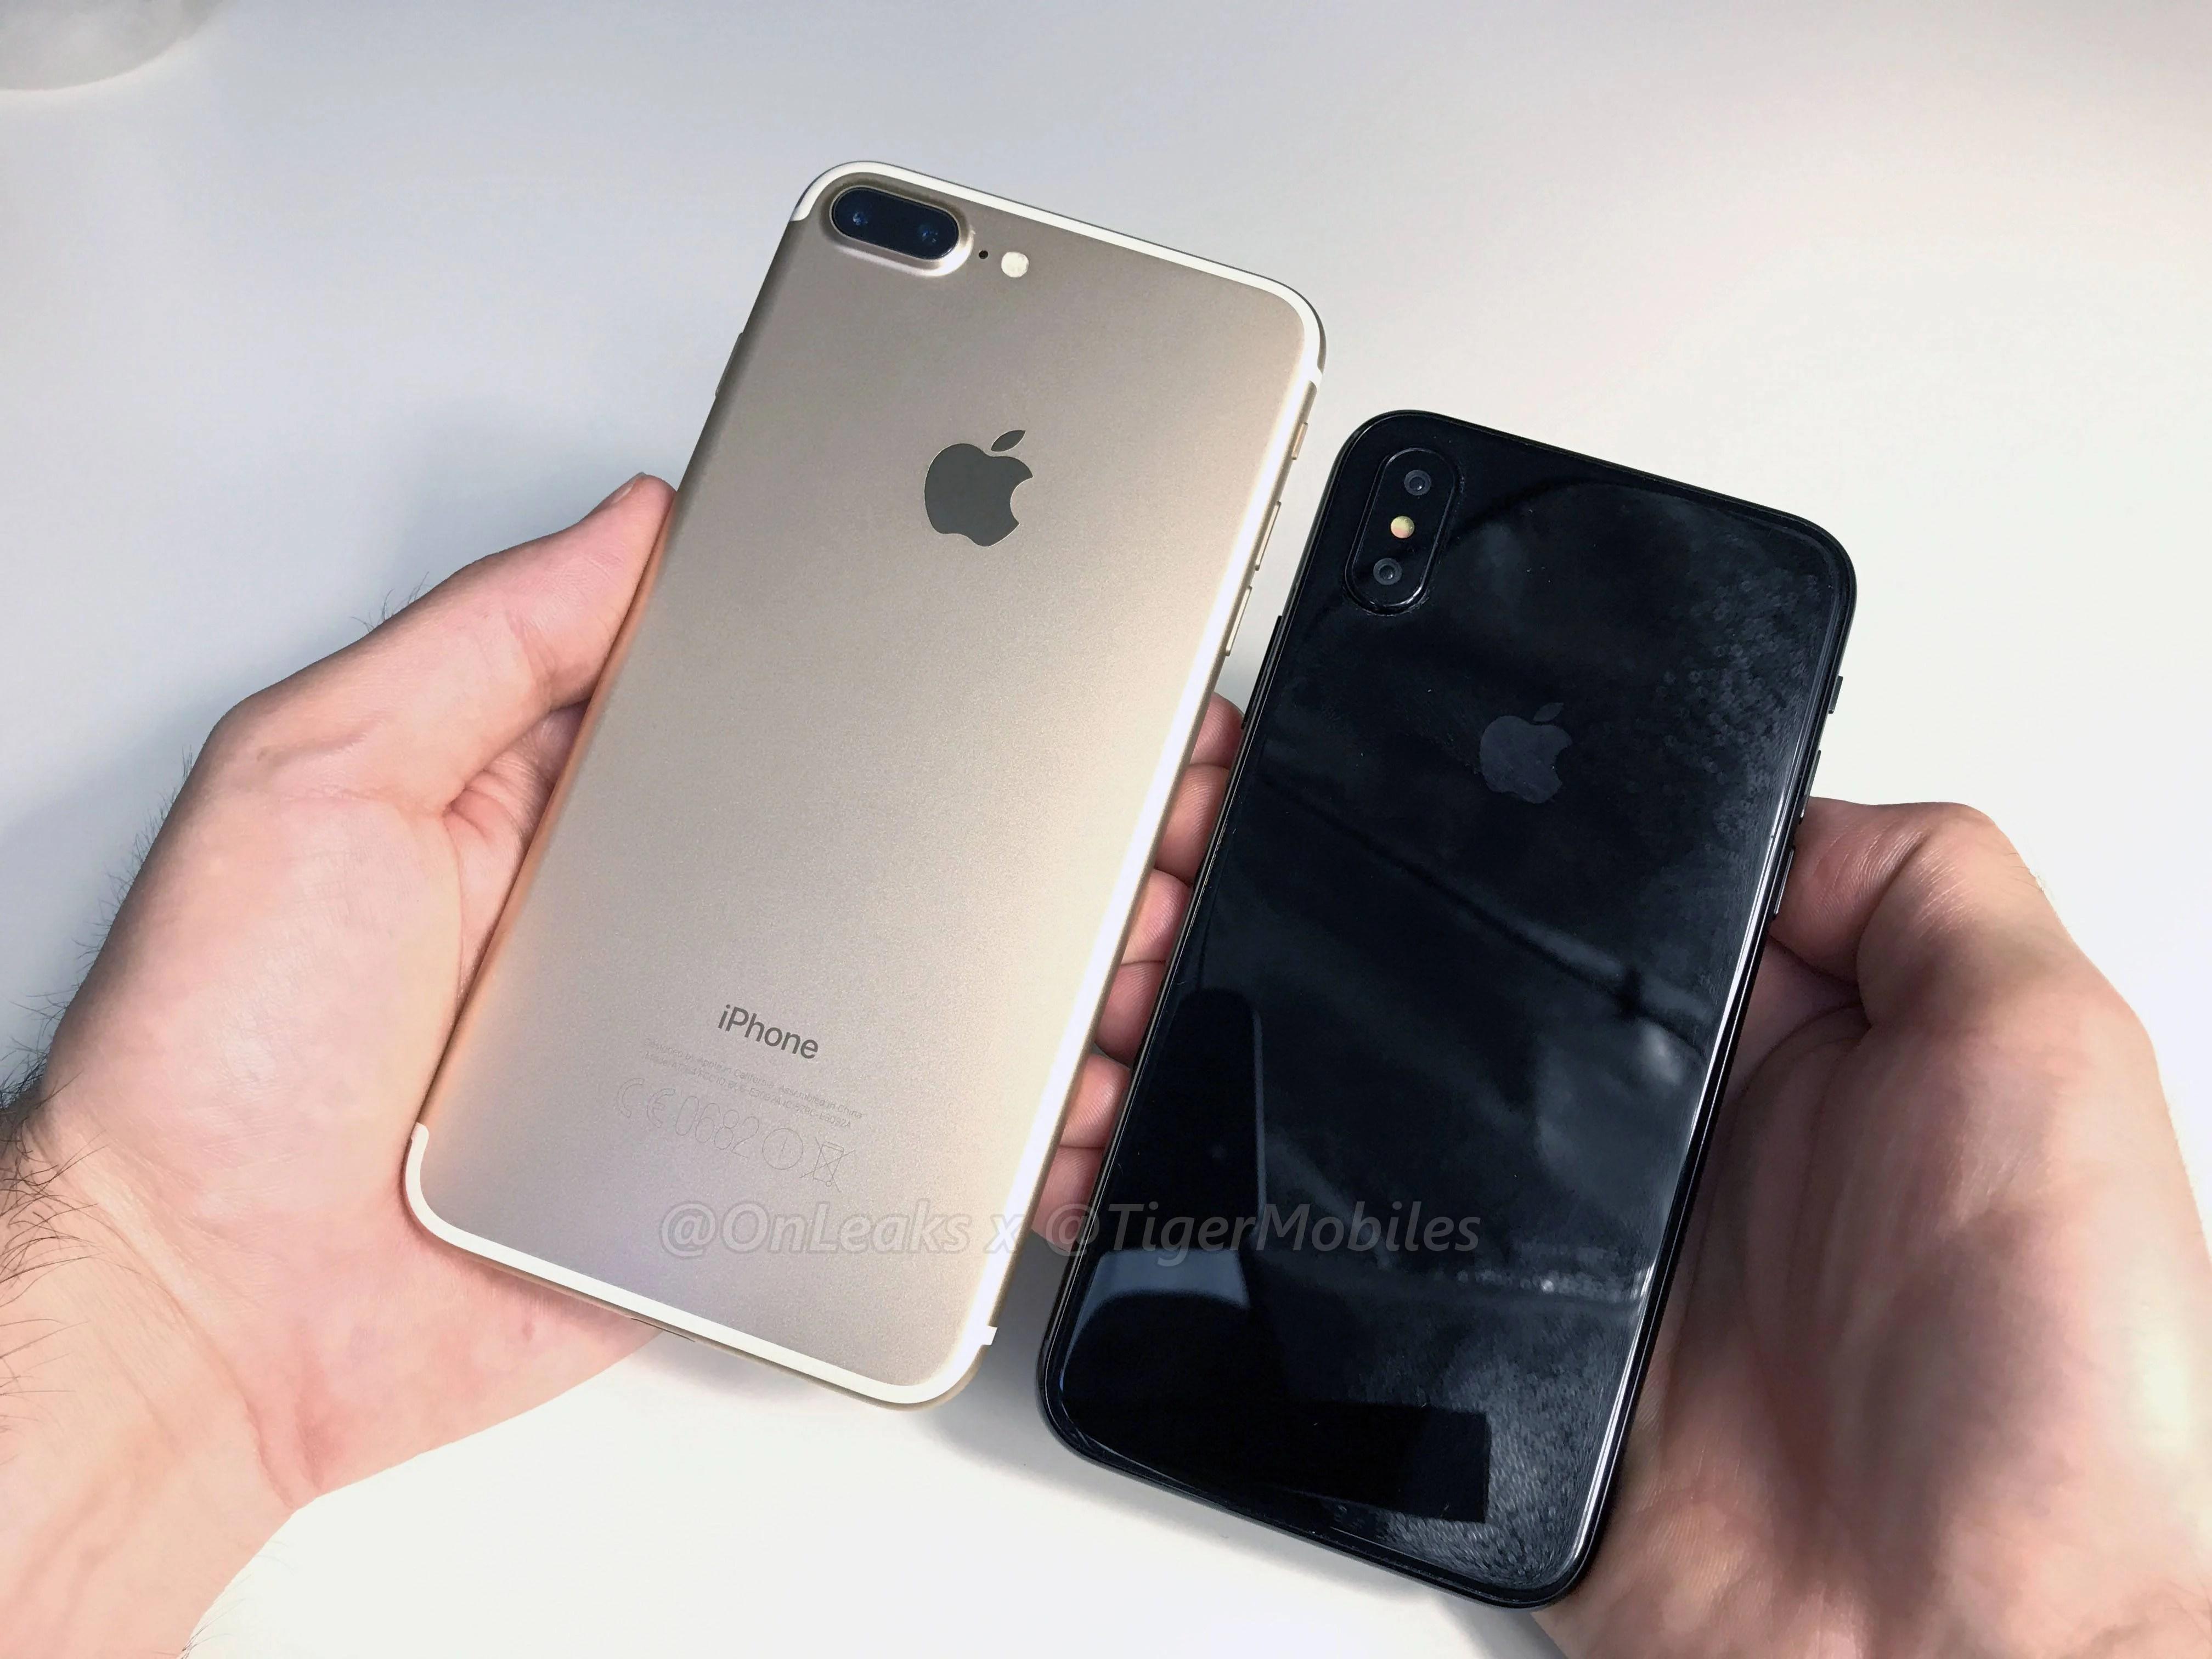 La prise en main de la maquette d'iPhone 8 continue : comparaison avec l'iPhone 7